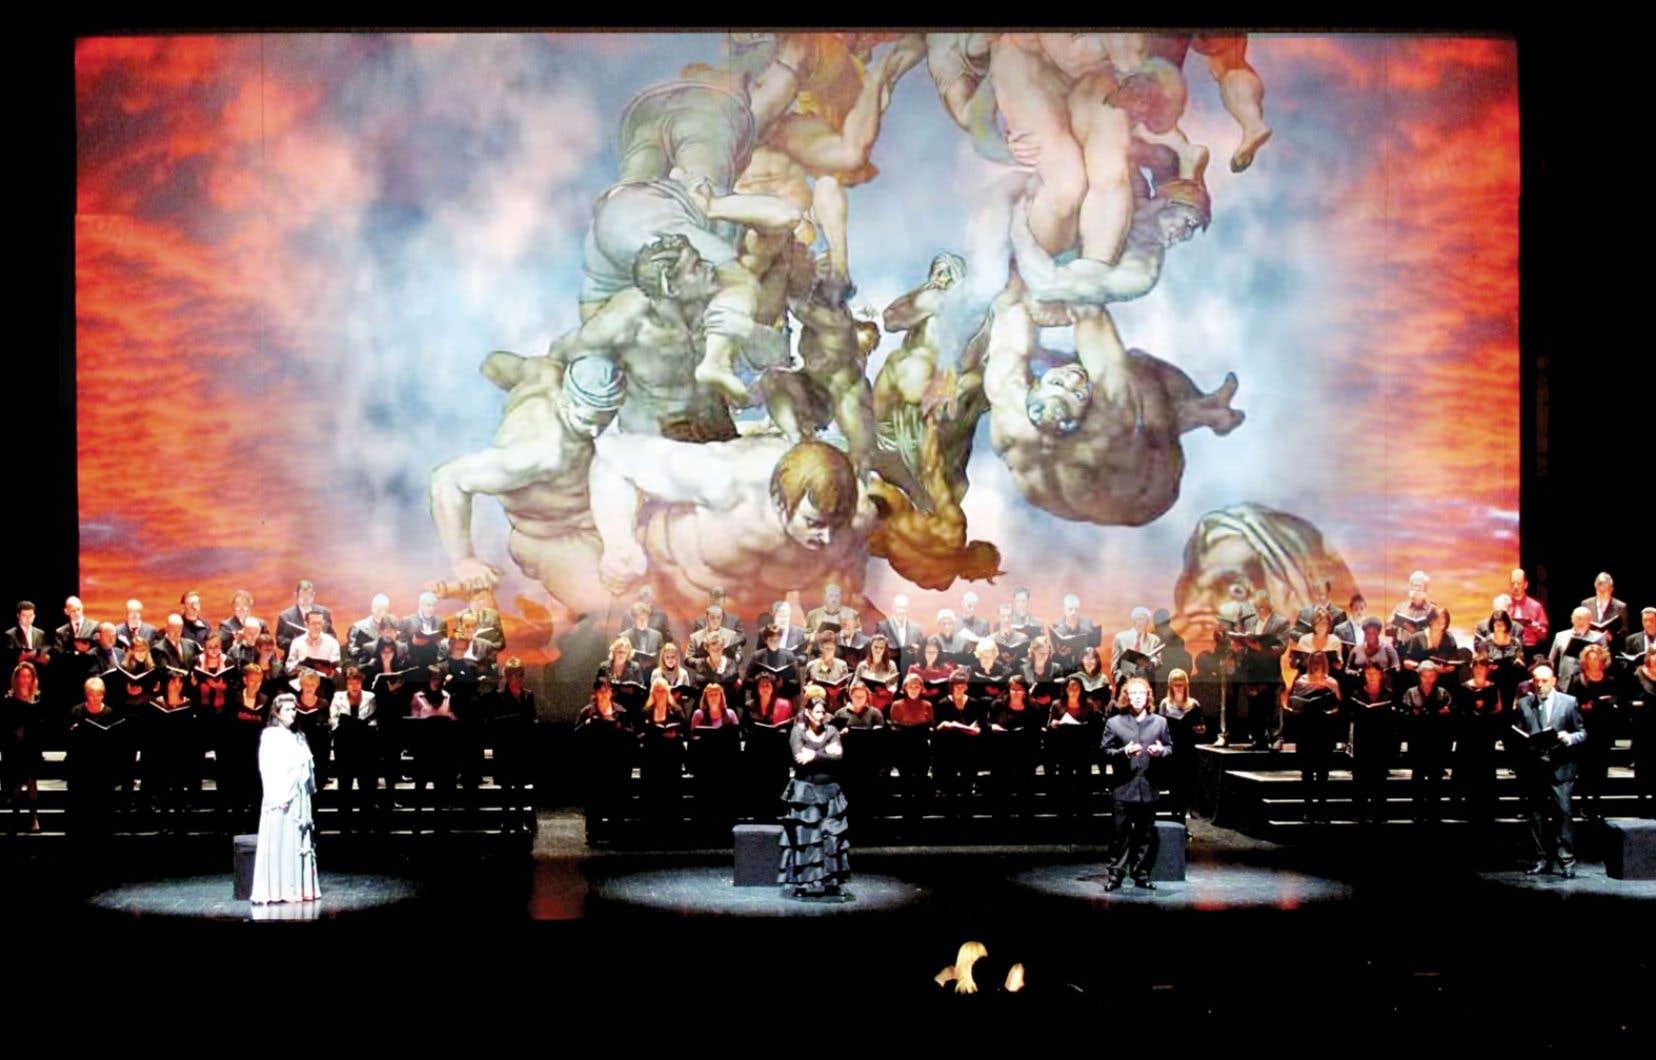 Le jugement dernier alliera la musique de Verdi et des projections de l'œuvre légendaire du même nom de Michel-Ange, qui orne la chapelle Sixtine.